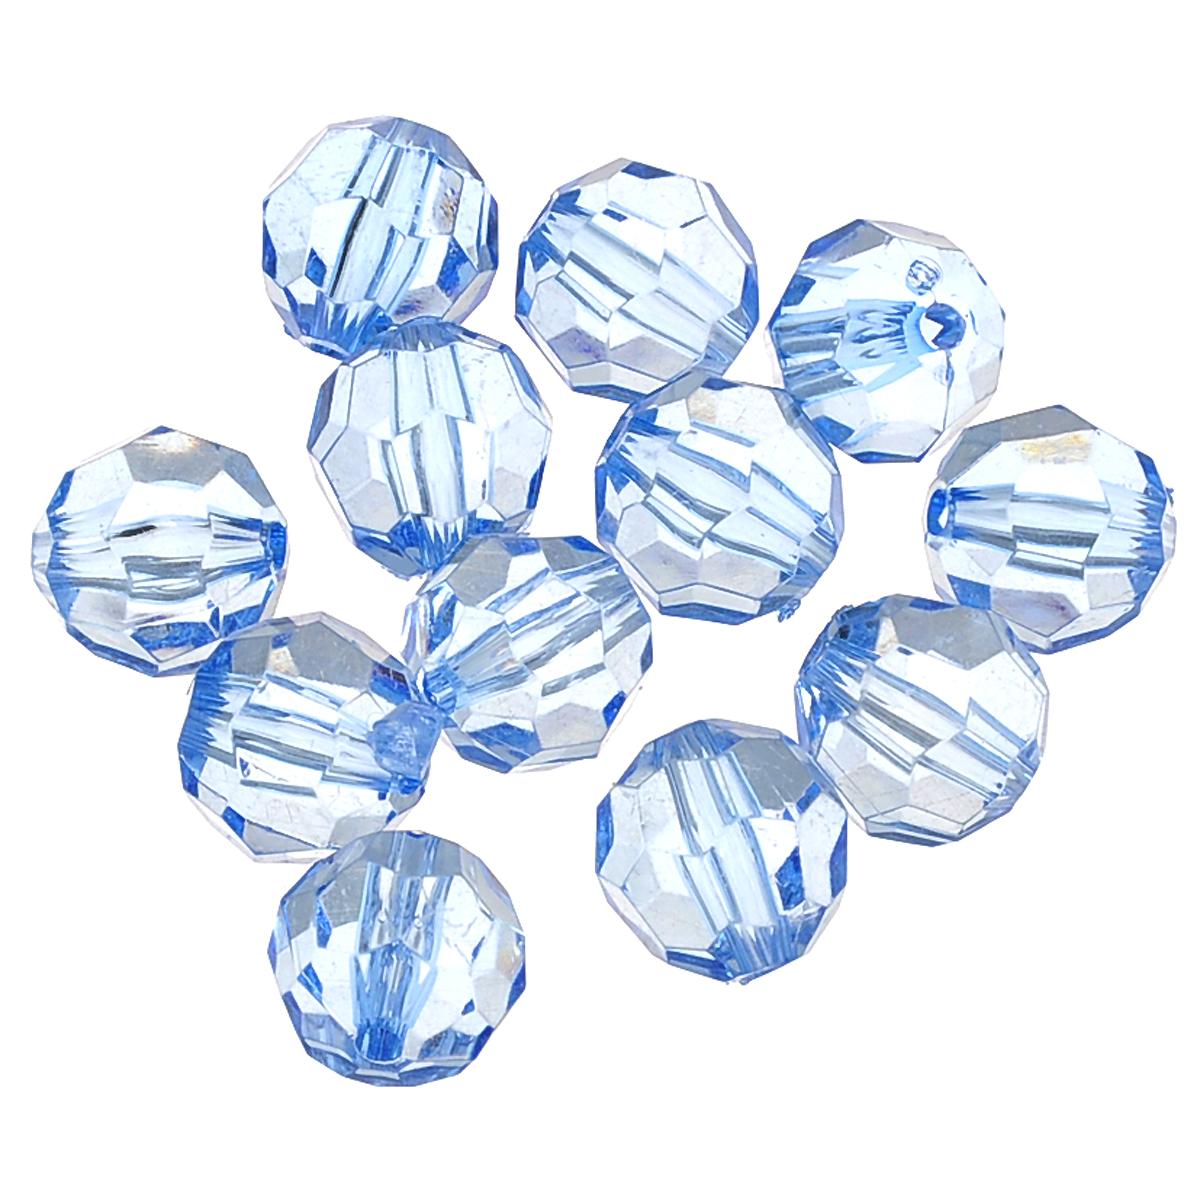 Бусины Астра, цвет: голубой (33), диаметр 16 мм, 25 г. 684978_33684978_33Набор бусин Астра, изготовленный из акрила, позволит вам своими руками создать оригинальные ожерелья, бусы или браслеты. Бусины имеют круглую форму с рельефной, многогранной поверхностью. Изготовление украшений - занимательное хобби и реализация творческих способностей рукодельницы, это возможность создания неповторимого индивидуального подарка. Диаметр бусины: 16 мм. Вес: 25 г.